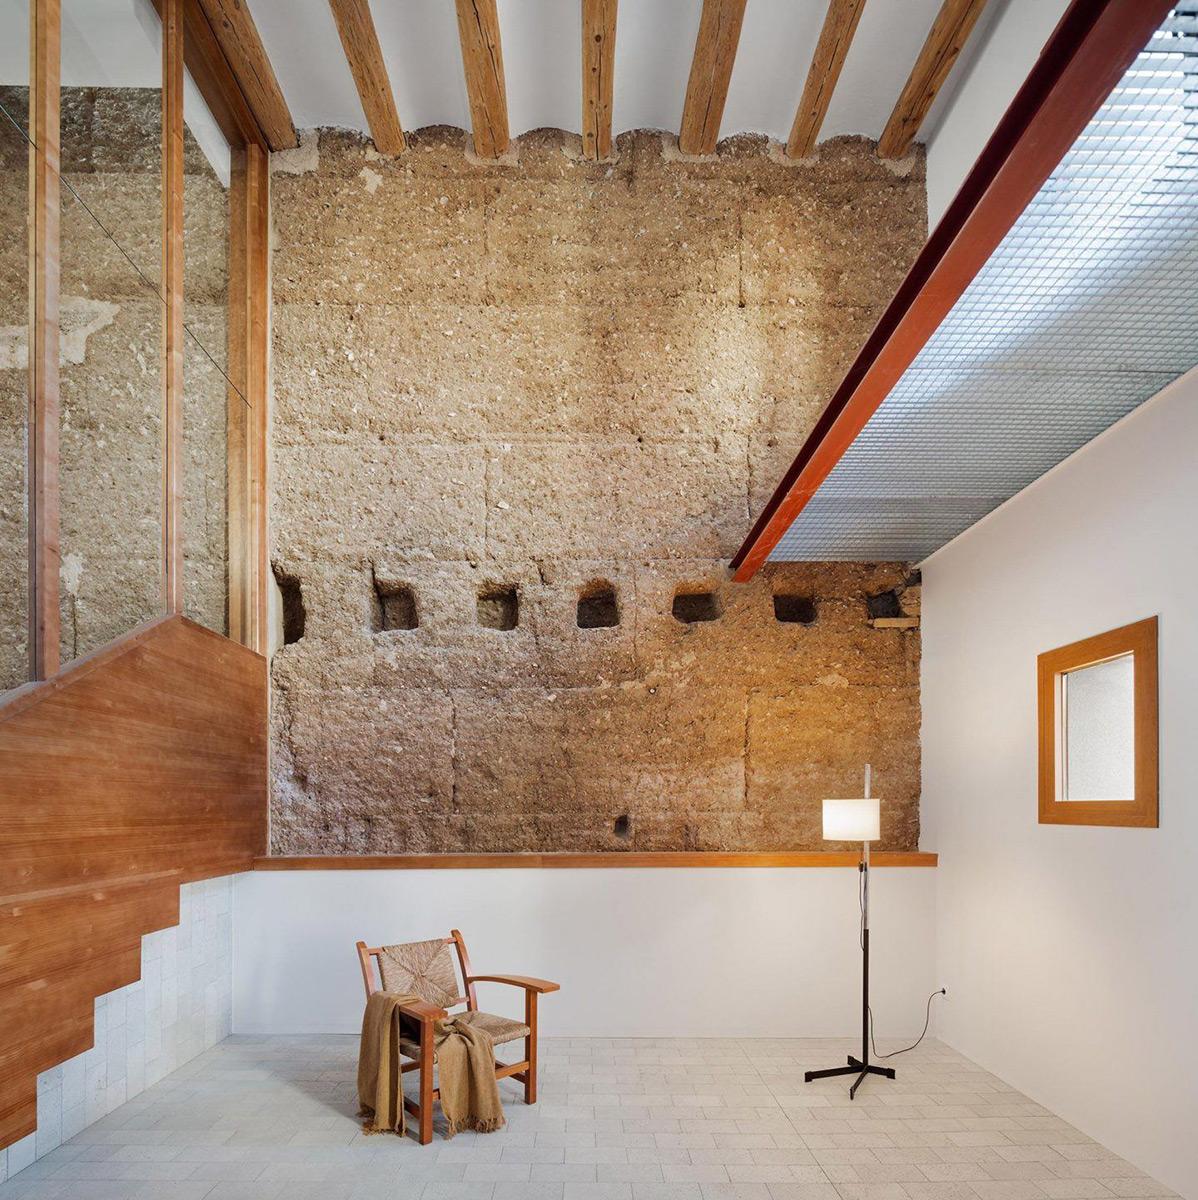 Jordi-Anna-renovation-Hiha-Studio-02